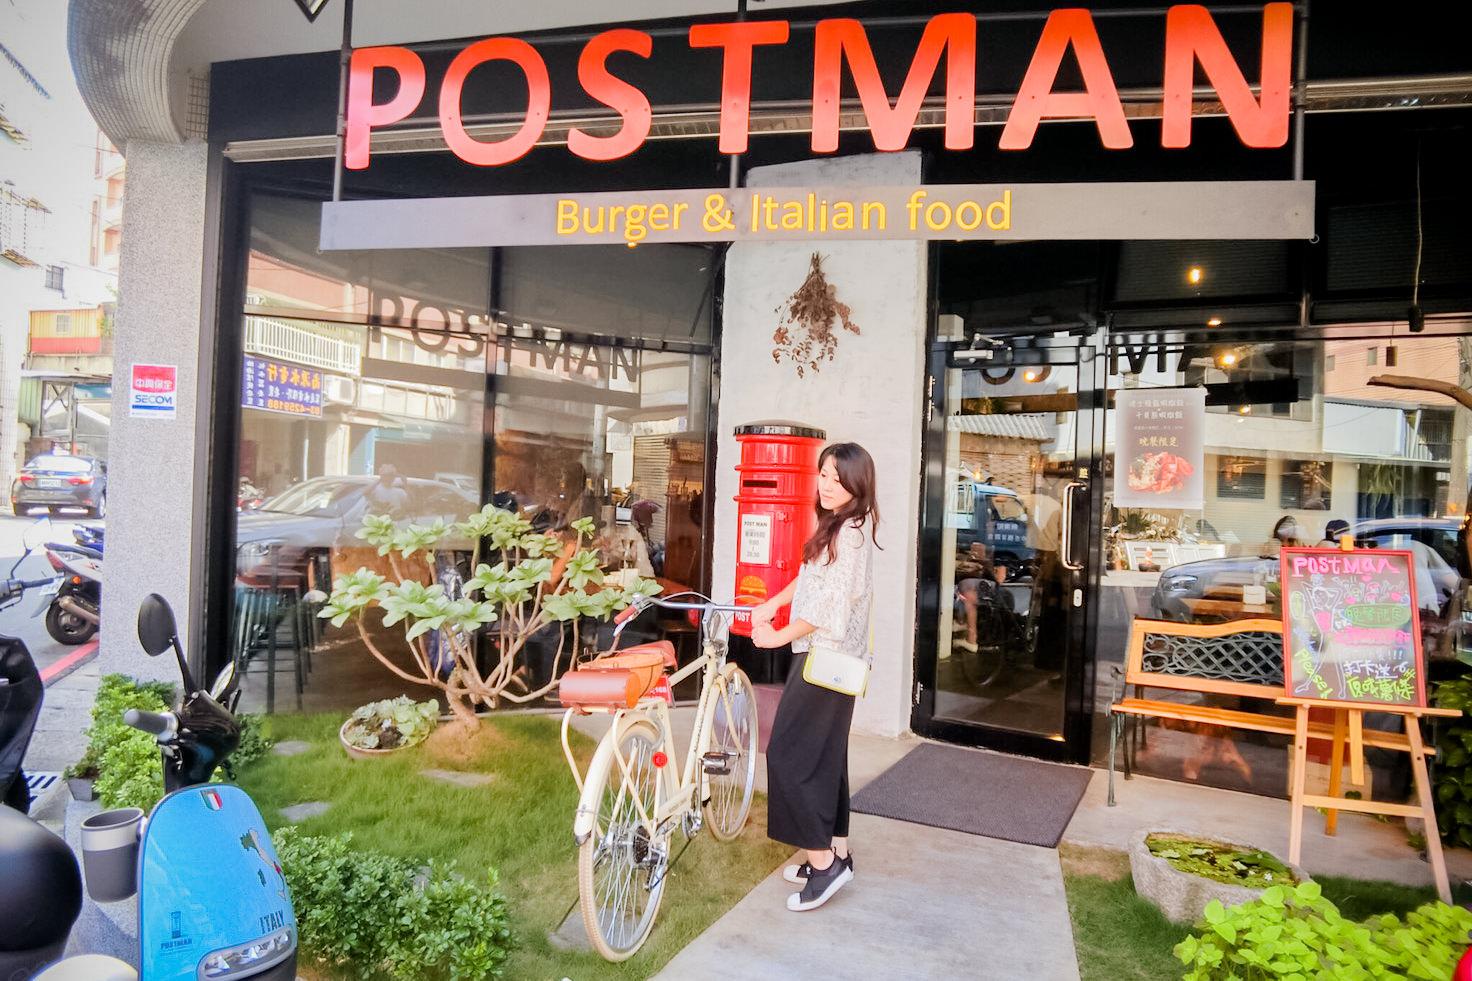 桃園美食,中壢美食,Postman,漢堡,早午餐,義式料理專賣店,下午茶